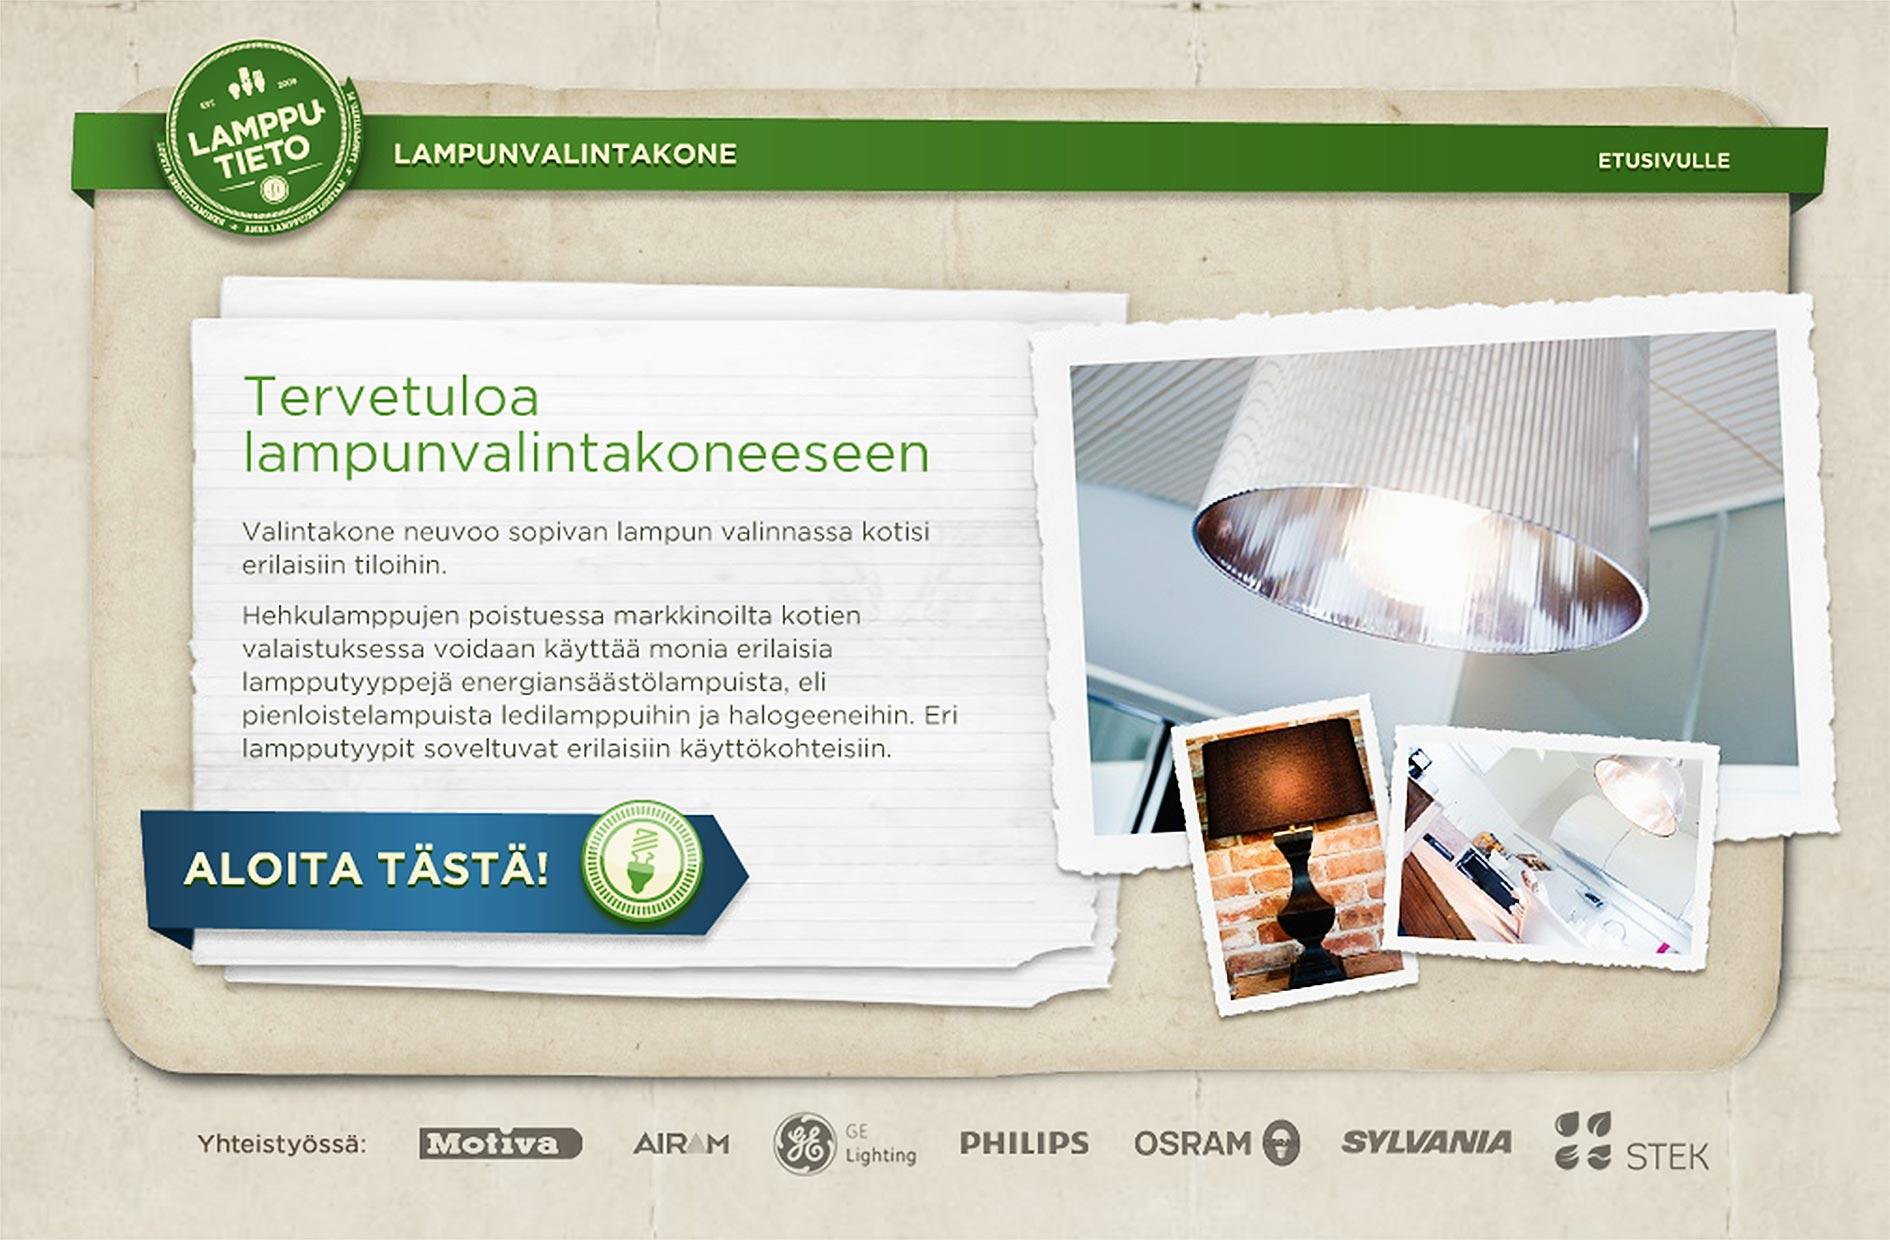 Lampunvalintakone.fi-sivuston etusivu